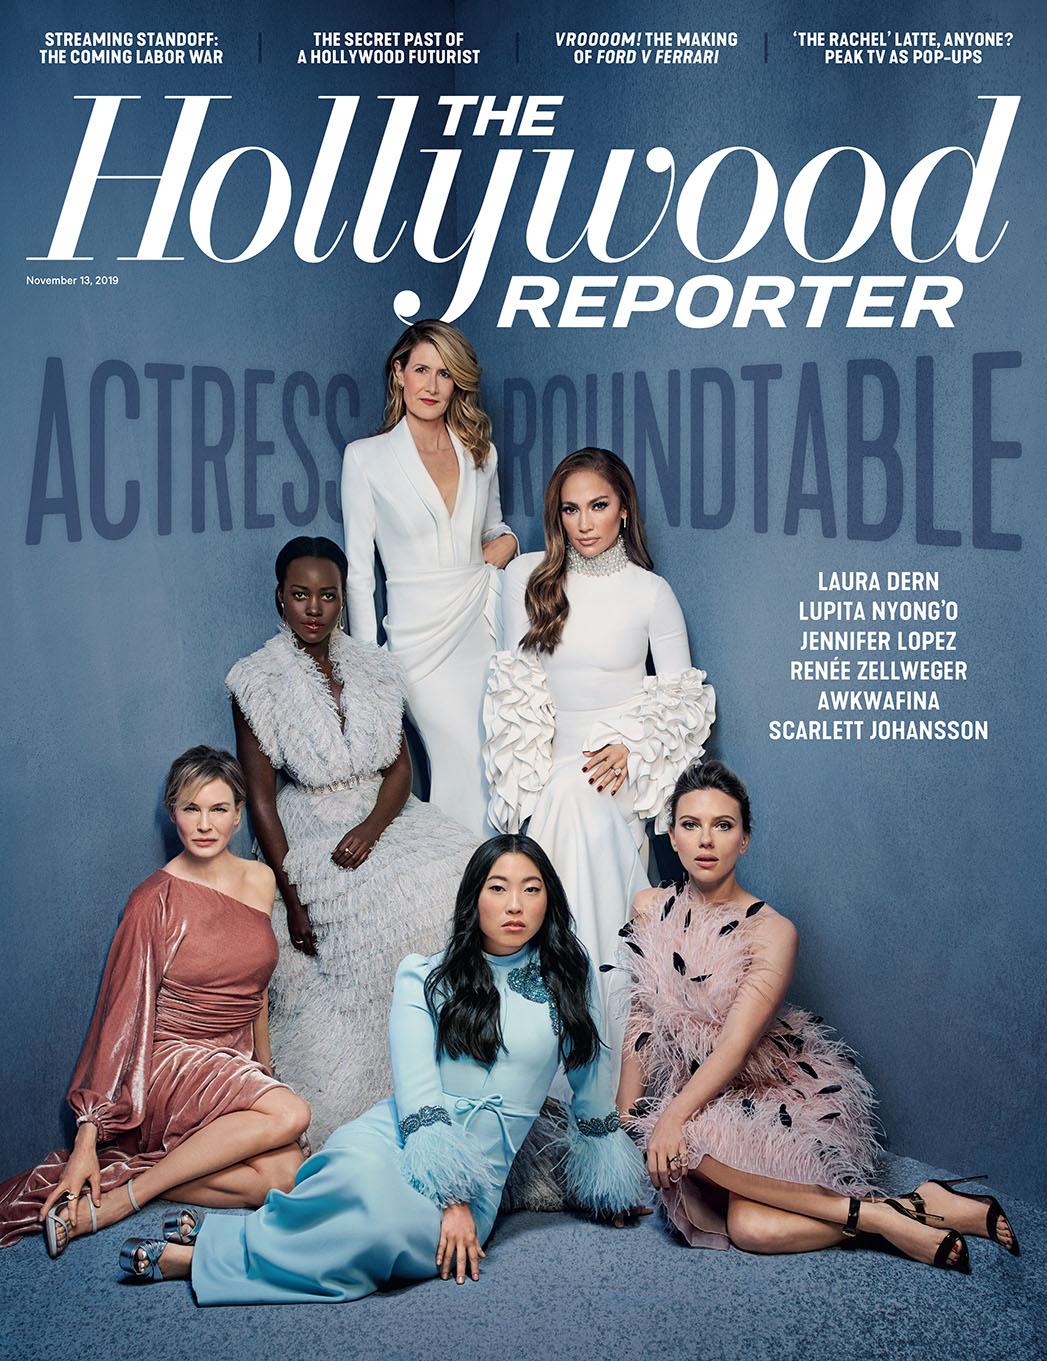 斯嘉丽·约翰逊、Jennifer Lopez、蕾妮·齐薇格、劳拉·邓恩、露皮塔·尼